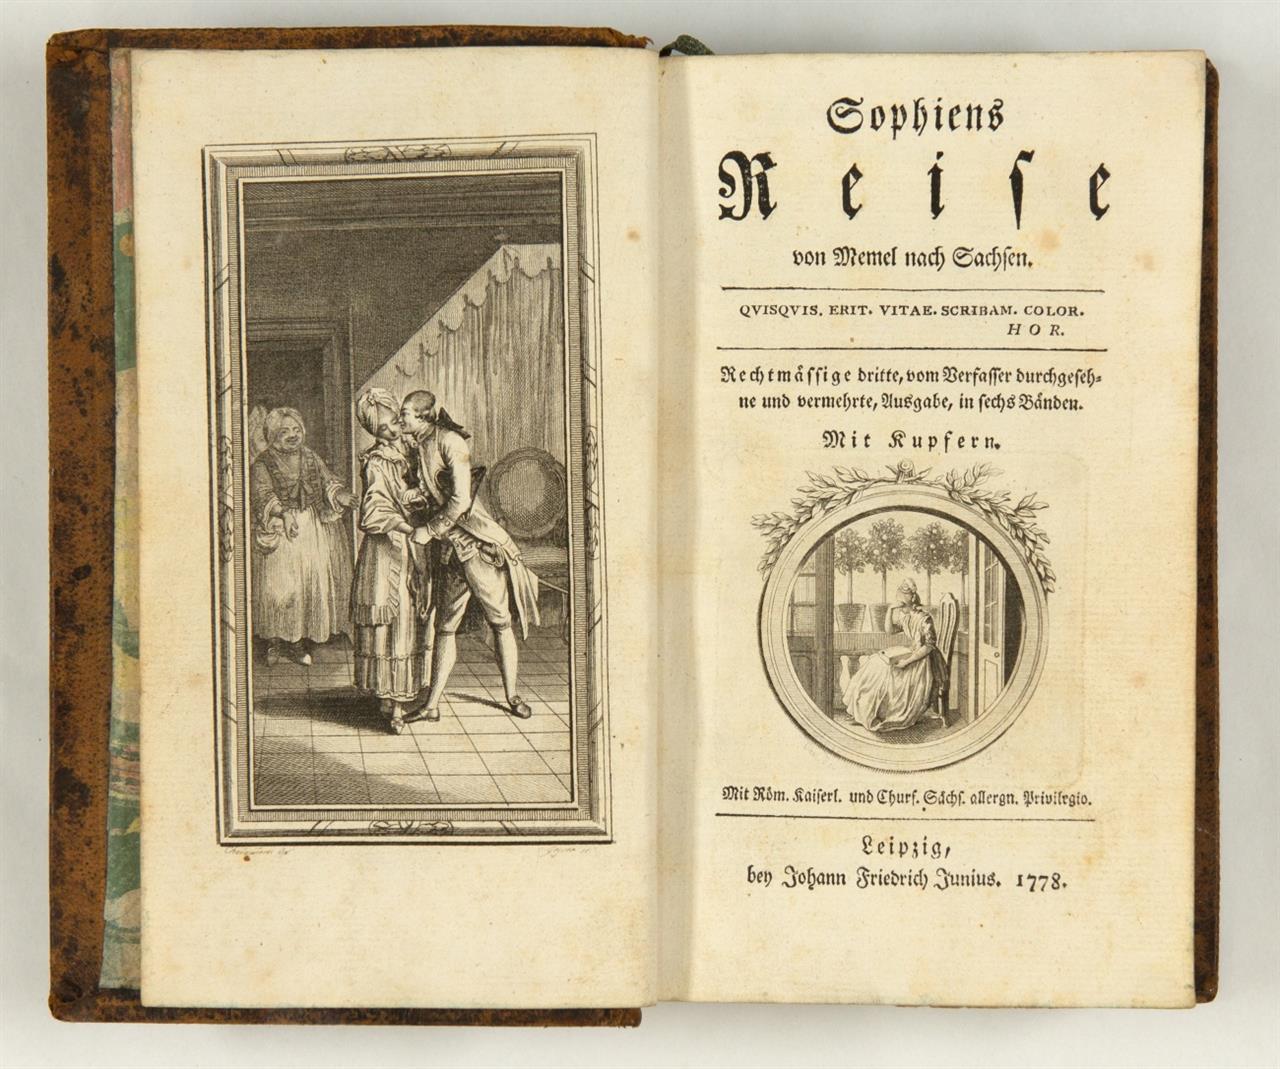 J. T. Hermes, Sophiens Reise von Memel nach Sachsen. 3. verm. Ausg. 6 Bde. Leipzig 1778.